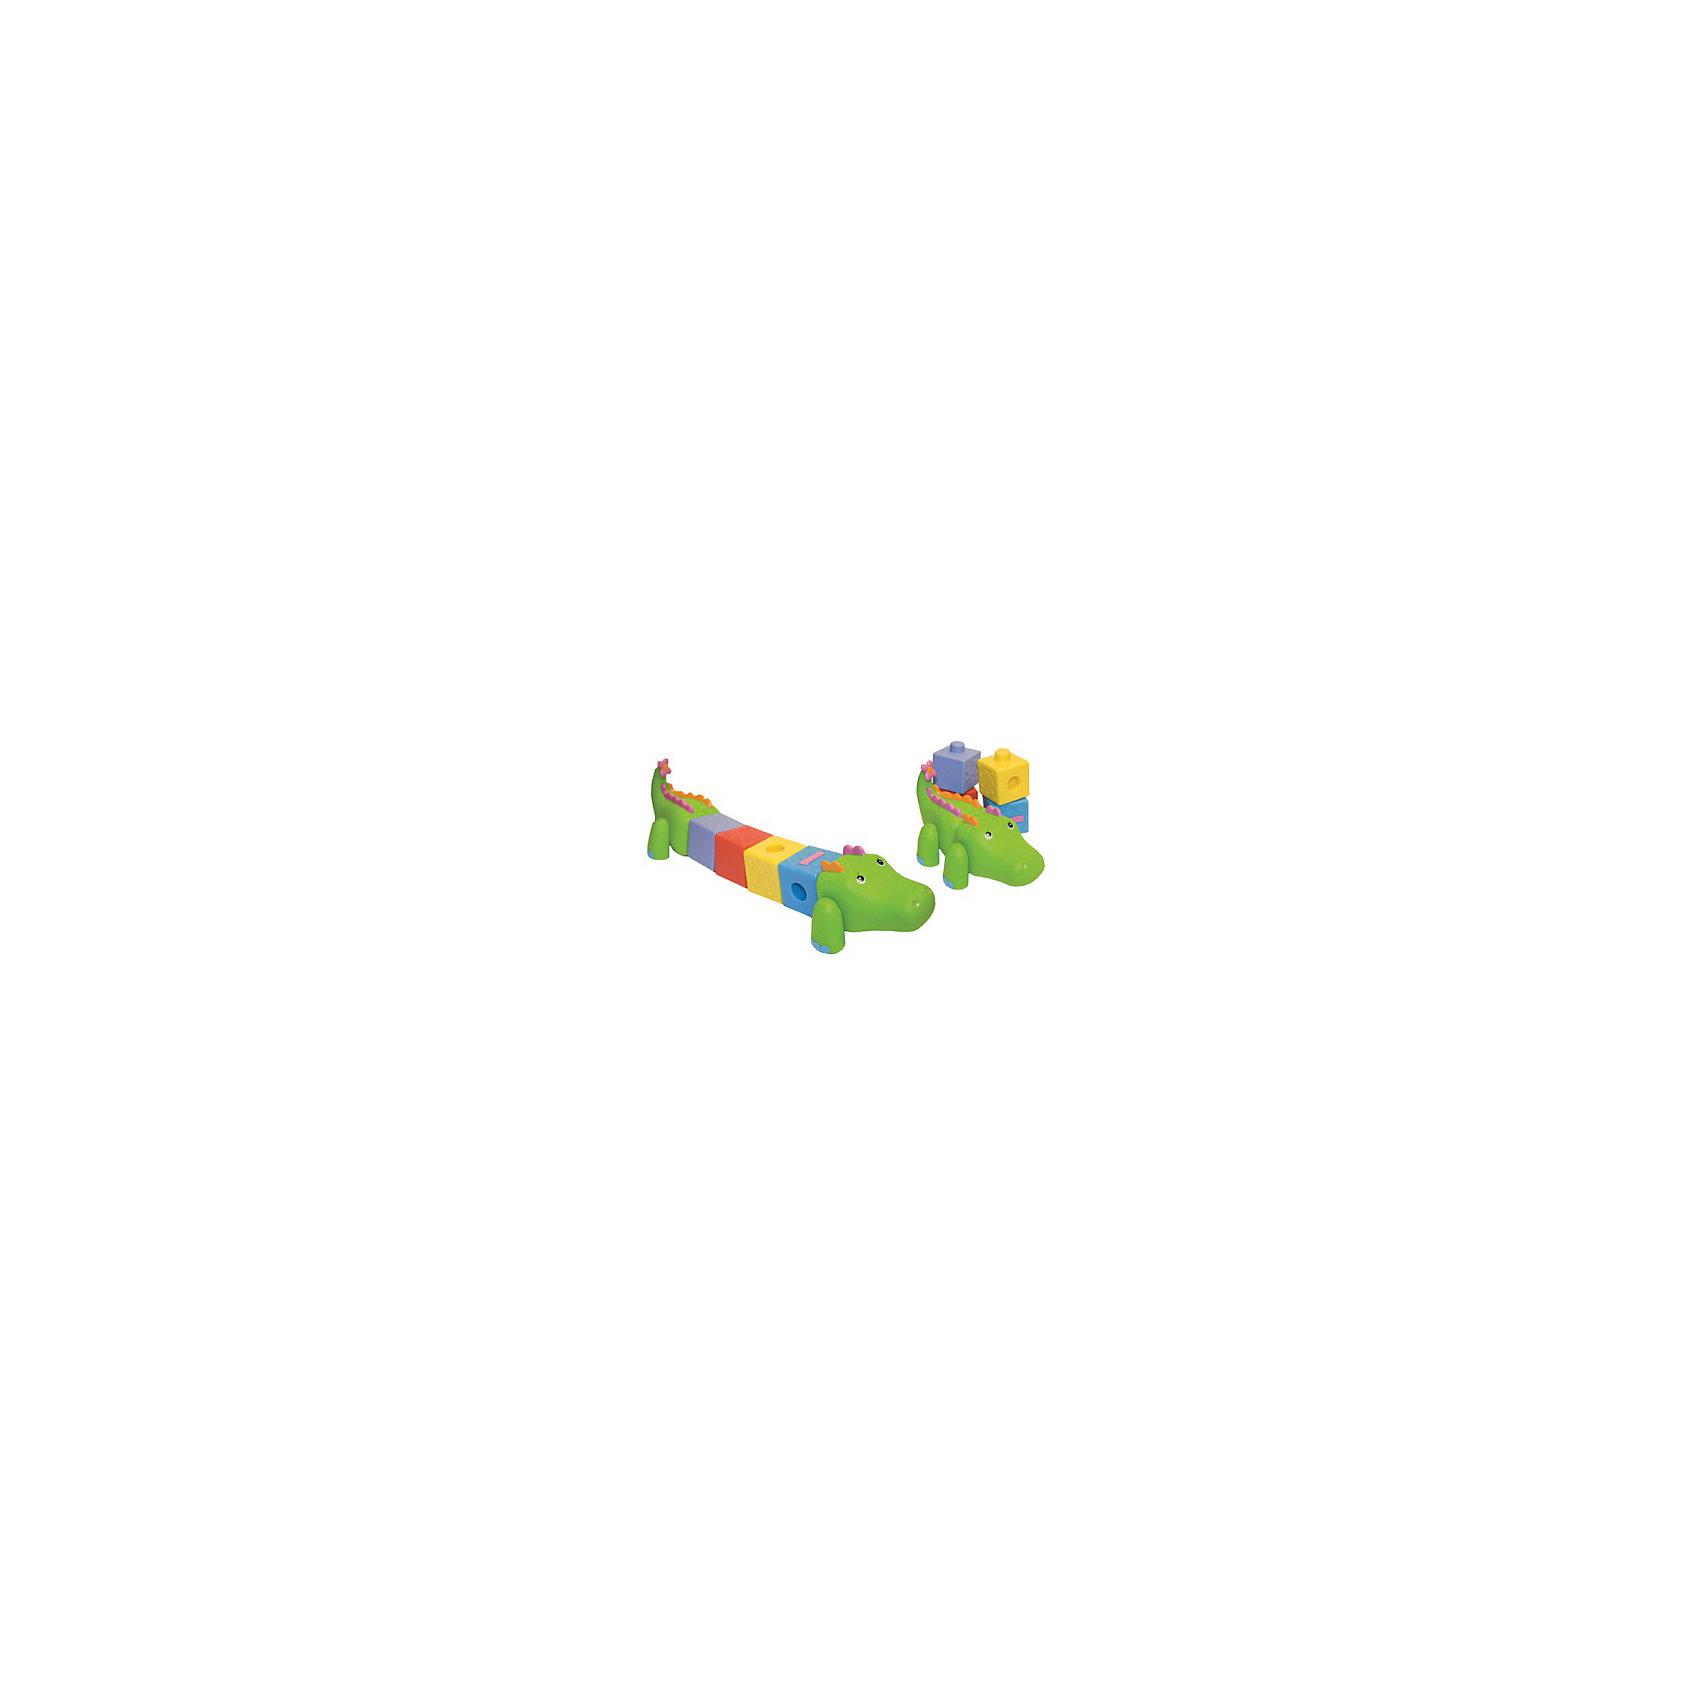 Сортер Крокодил, Ks KidsСортер Крокодил, Ks Kids ? многофункциональная игрушка, которая научит малыша первым конструкторским навыкам, познакомит со счетом до 4 и позволит сформировать у малыша первые простейшие математические представления. Туловище крокодила состоит из отдельных съемных блоков-кубиков. На каждом кубике изображены разноцветные цифры. Кубики можно использовать как для доращивания туловища крокодила, так и для отдельных игр (например, построить башенку). Уникальная конструкция сортера позволит познакомить ребенка с такими величинами как длинный - короткий. В процессе игр с сортером крокодилом, Ks Kids  у самых маленьких детей будут развиваться тактильные ощущения и мелкая моторика. Для детей постарше эта игрушка будет способствовать развитию интеллектуальных способностей  и пространственного мышления. <br>Несмотря на то, что производитель заявляет о том, что игрушка предназначена для детей от рождения до года, этот крокодил будет востребован практически до самой школы. Так ка с помощью этой игрушки можно вводить такие понятия, как прямой и обратный счет, четность - нечетность.<br>Если вы мечтаете вырастить настоящего математика сортер Крокодил от Ks Kids непременно должна быть у вашего малыша.<br><br>Дополнительная информация:<br><br>- Вид игр: развивающие<br>- Предназначение: для дома, для детского сада, для детских развивающих центров<br>- Материал: качественный пластик<br>- Размер: 38*17,5*11,5 см<br>- Вес: 400 г<br>- Комплектация: крокодил и 4 кубика<br>- Особенности ухода: можно мыть в теплой мыльной воде <br><br>Подробнее:<br><br>• Для детей в возрасте: от 0 месяцев до 1 года<br>• Страна производитель: Китай<br>• Торговый бренд: Ks Kids (Кс Кидс)<br><br>Сортер Крокодил, Ks Kids (Кс Кидс) можно купить в нашем интернет-магазине.<br><br>Ширина мм: 110<br>Глубина мм: 60<br>Высота мм: 395<br>Вес г: 334<br>Возраст от месяцев: 0<br>Возраст до месяцев: 12<br>Пол: Унисекс<br>Возраст: Детский<br>SKU: 4790449